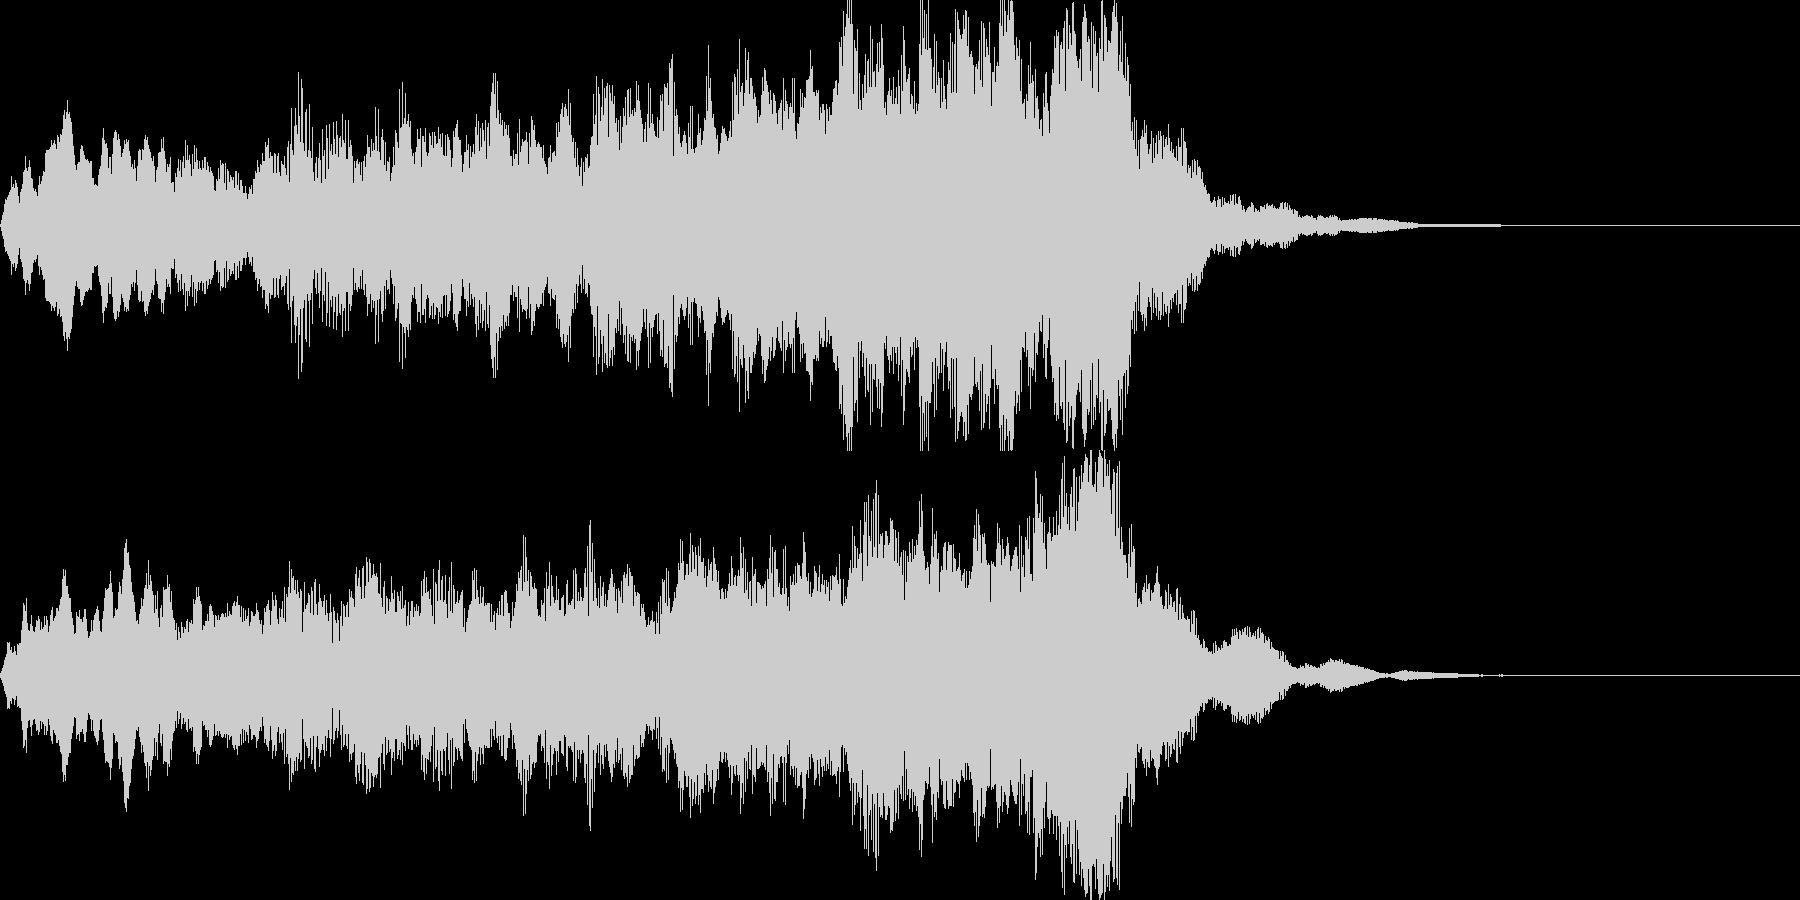 コーラスクワイヤ 男女合唱 サウンドロゴの未再生の波形